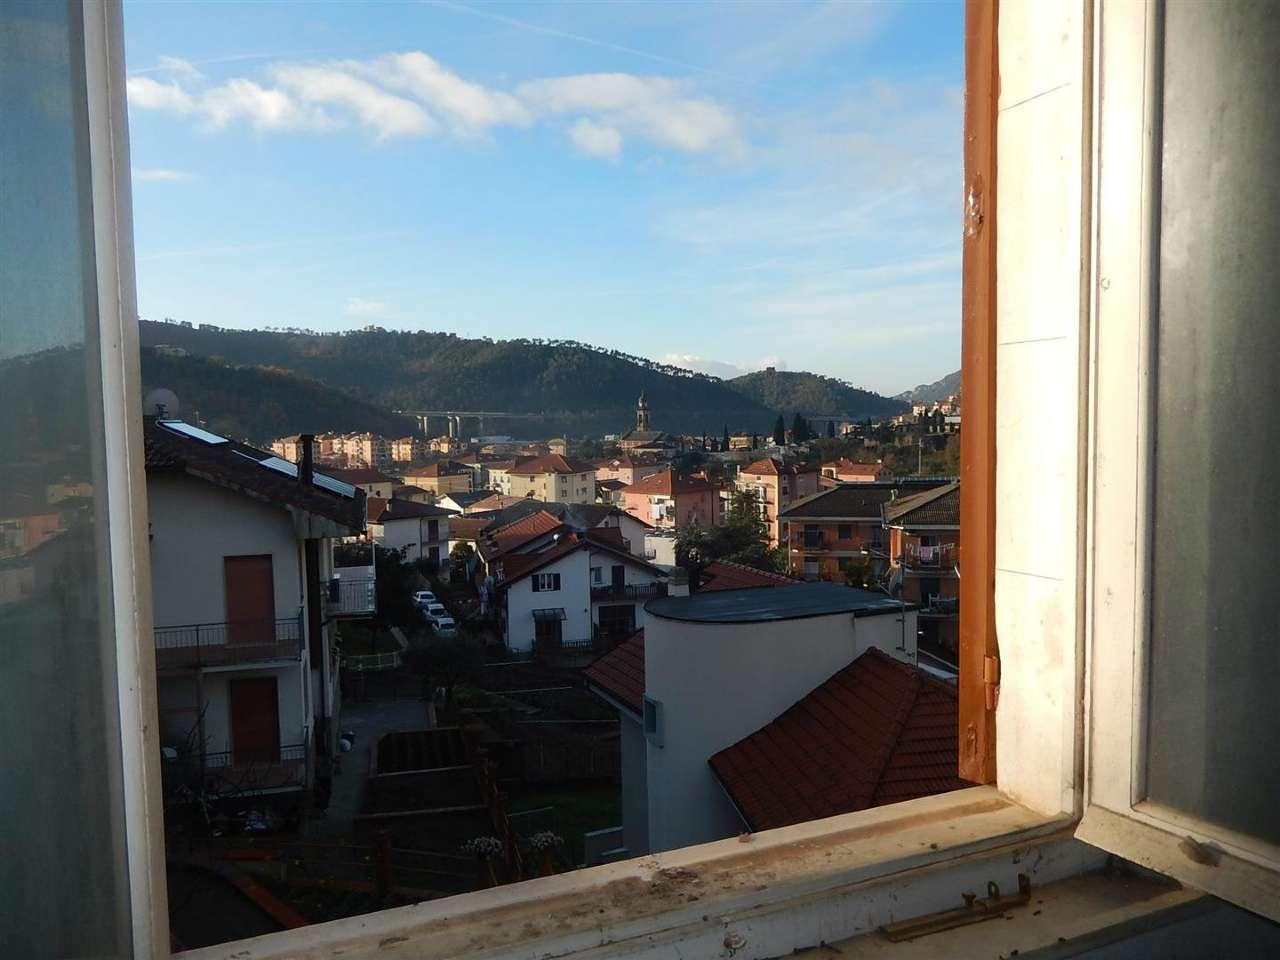 Attico / Mansarda in vendita a Casarza Ligure, 9999 locali, prezzo € 35.000 | CambioCasa.it